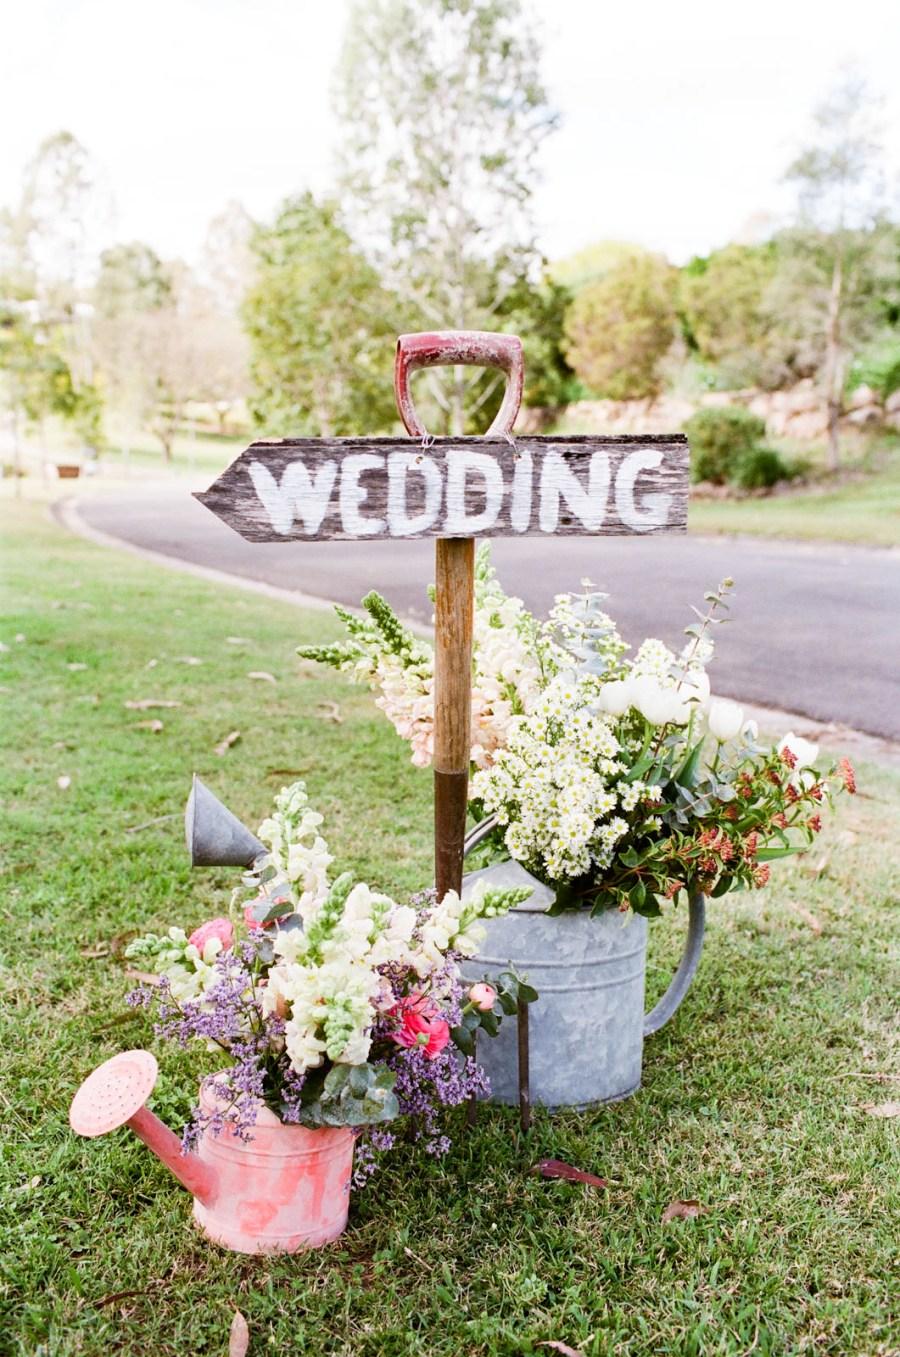 wooden-handled-shovel-wedding-decor.jpg